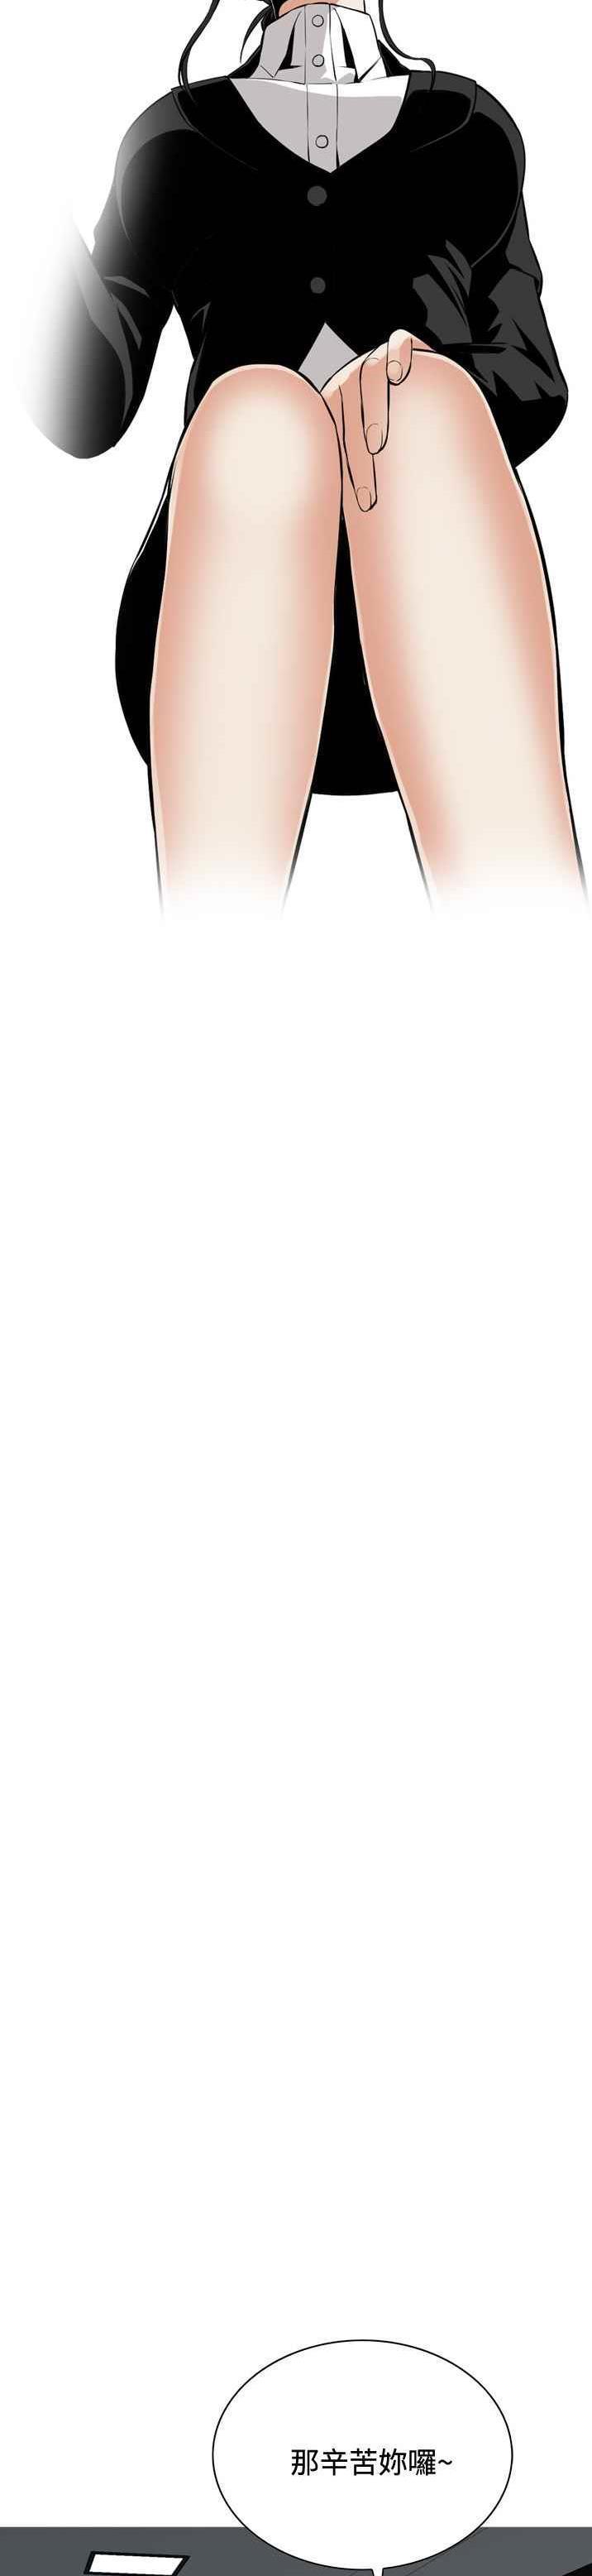 【偷窥韩漫全集】偷窥无修无删减免费在线阅读